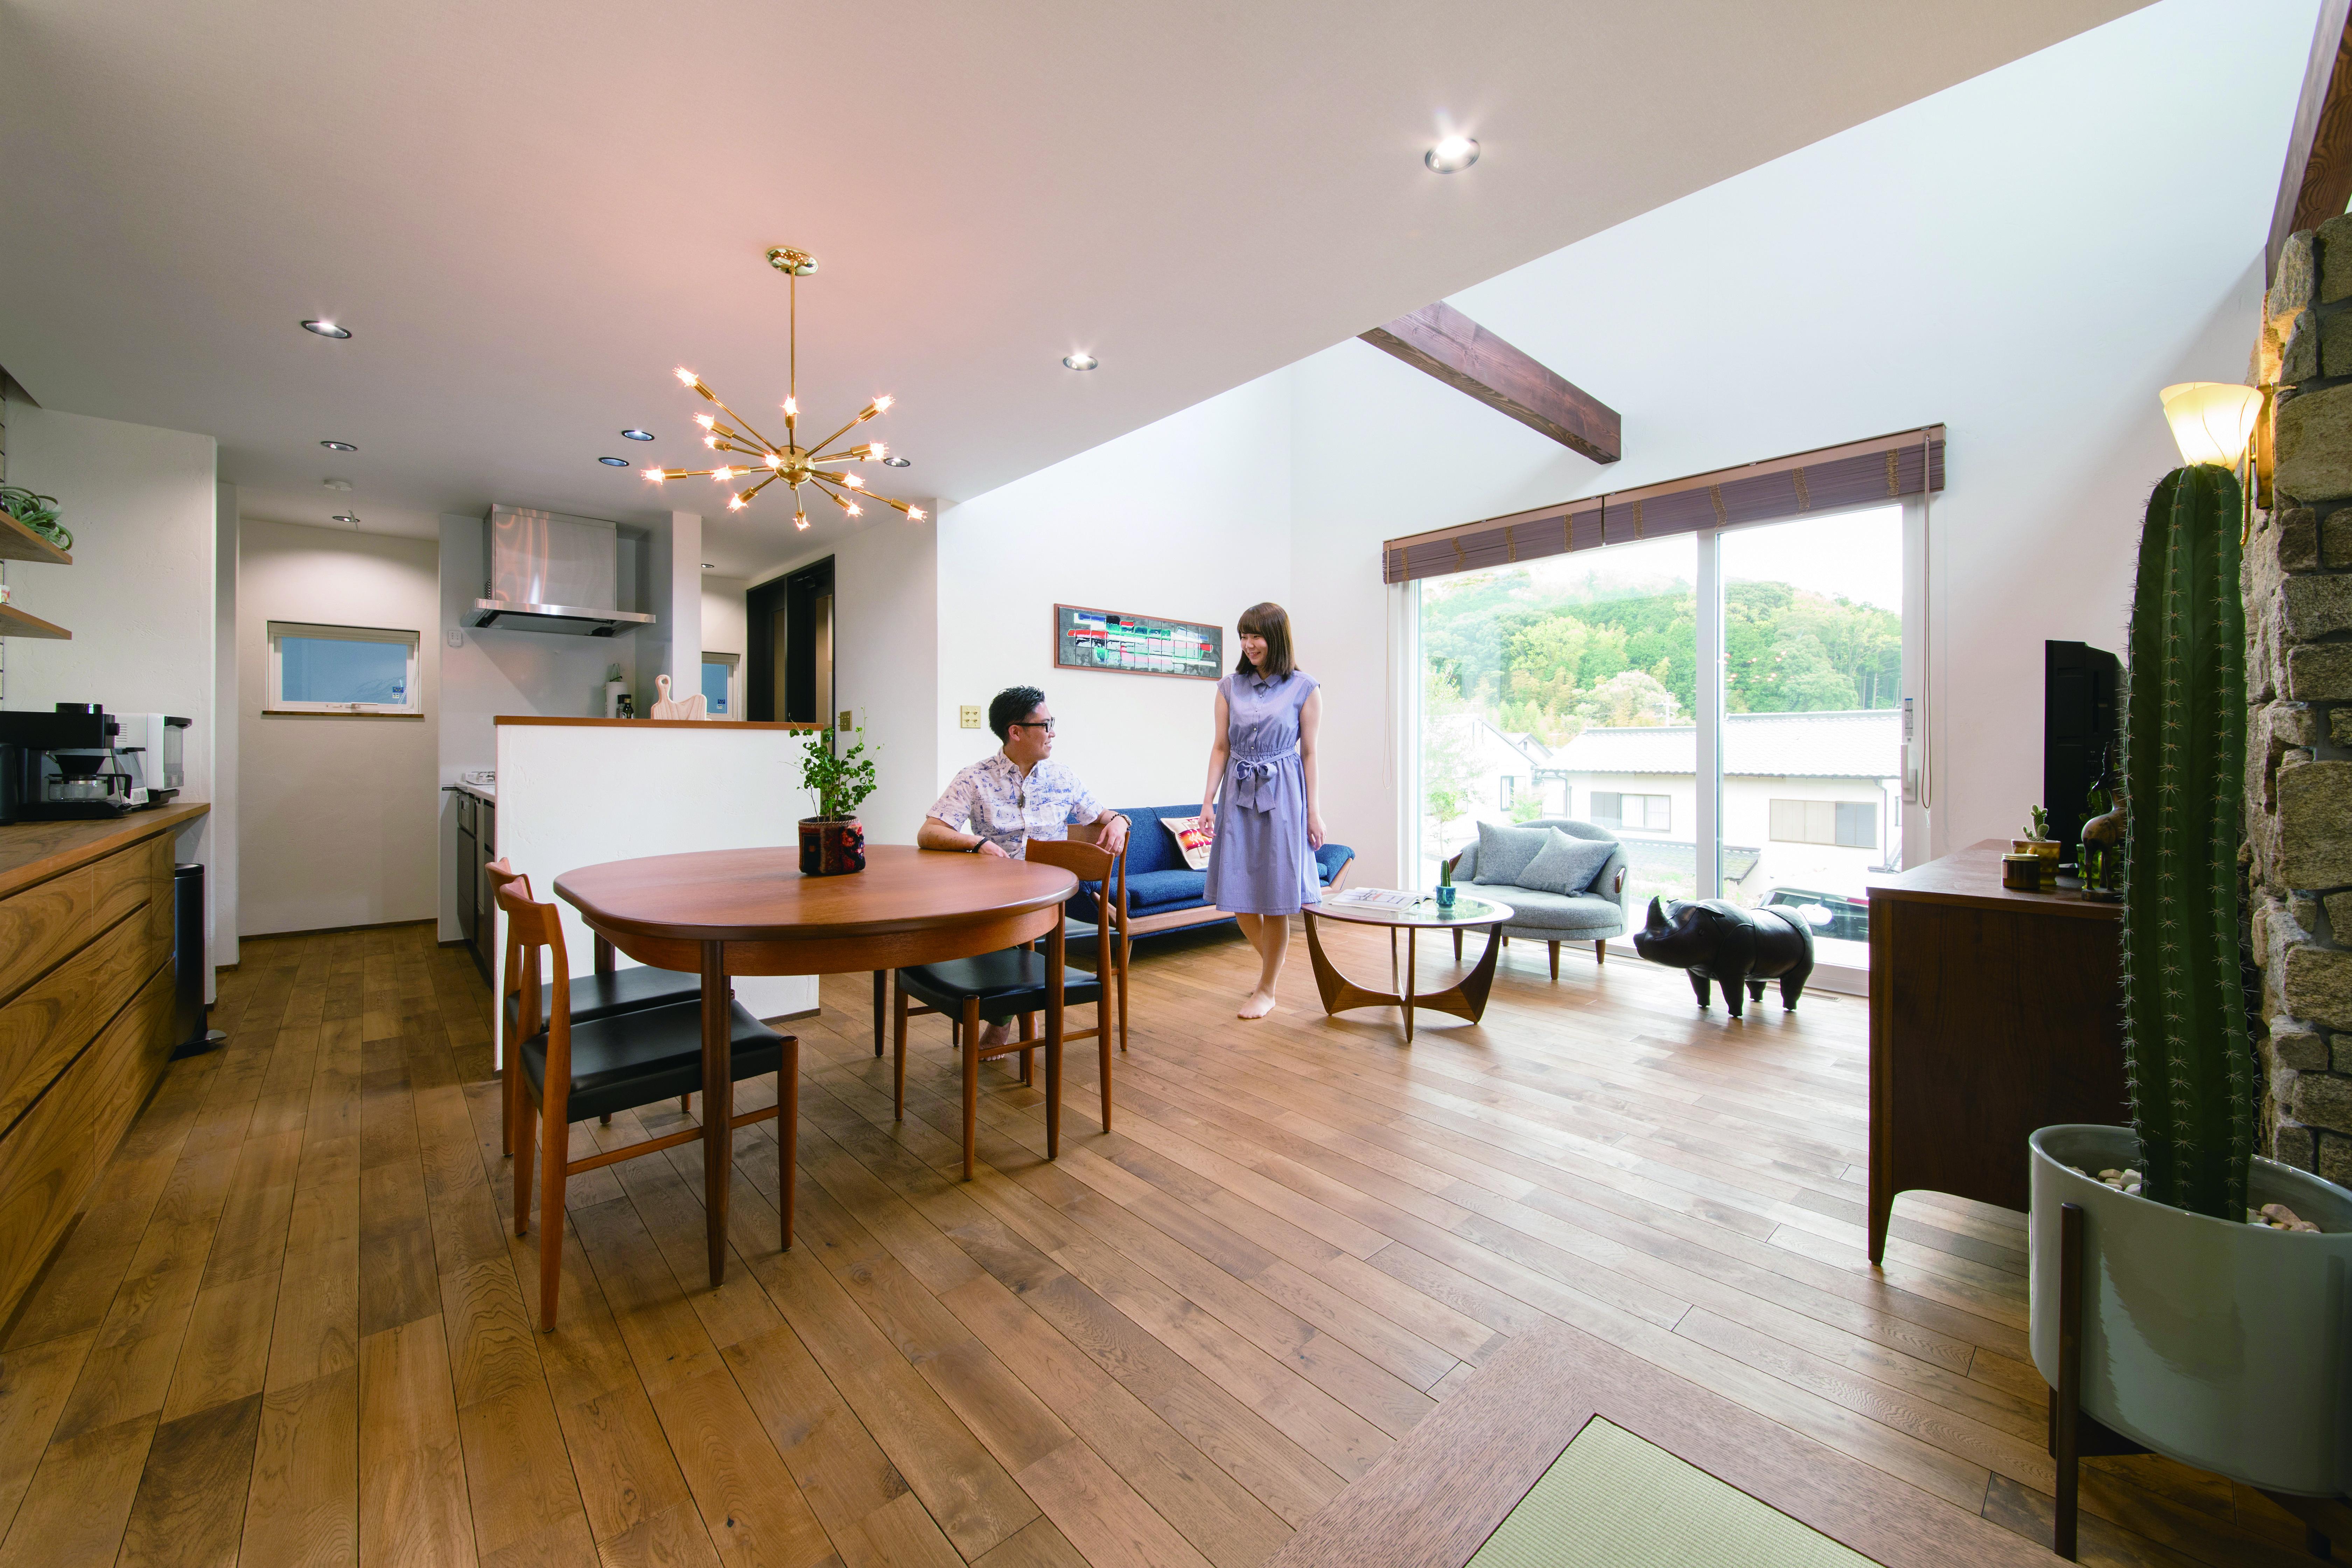 小幡建設【岡崎市岩津町・モデルハウス】室内は「1 ALLS System」システムにより、エアコン1台で夏も冬も24時間適温をキープ。室内の温度差が無く、すこやかで快適な暮らしを実現できる